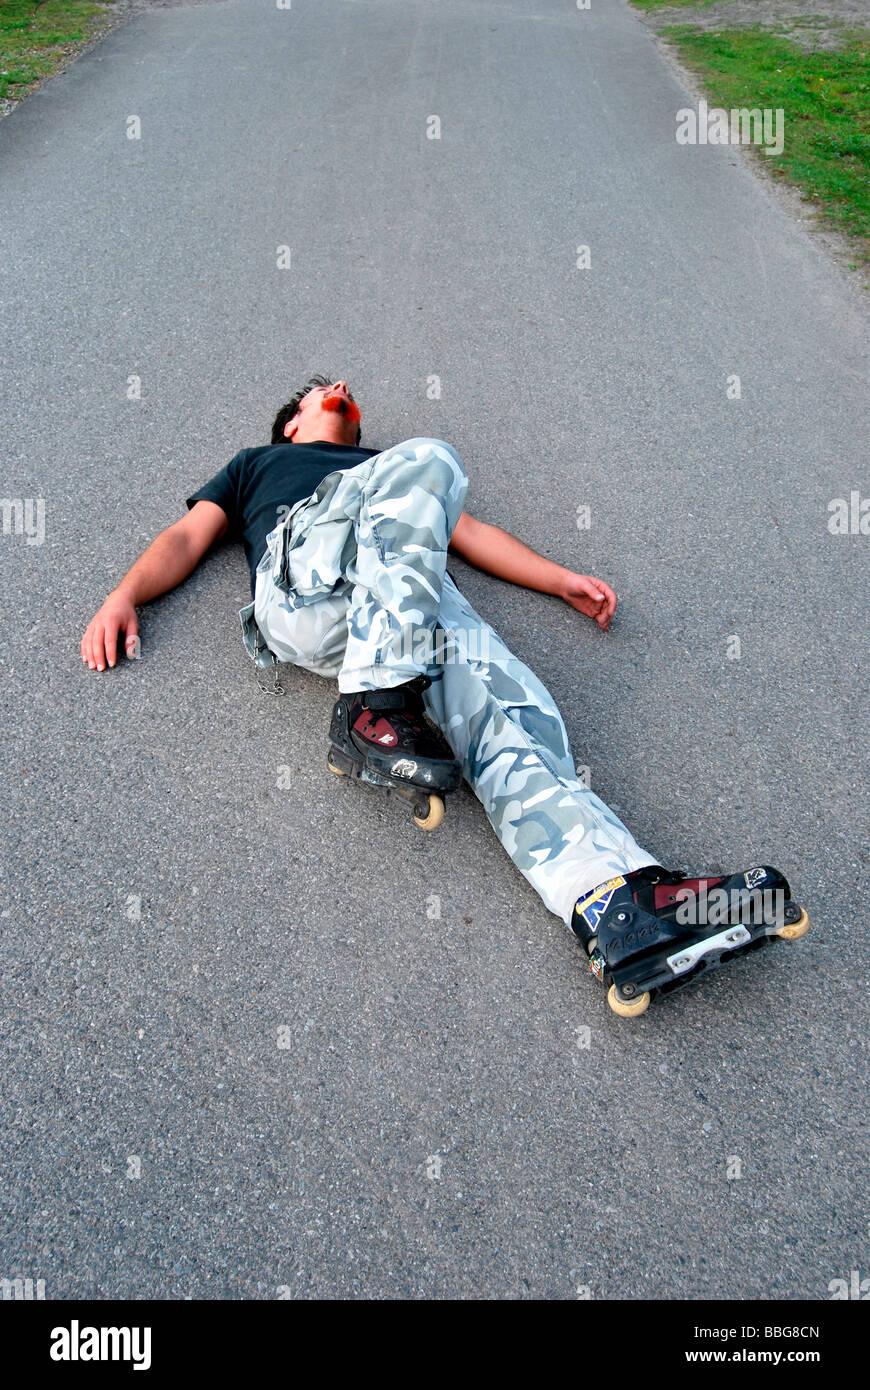 gef hrlicher sport inline skater auf dem boden nach sturz. Black Bedroom Furniture Sets. Home Design Ideas